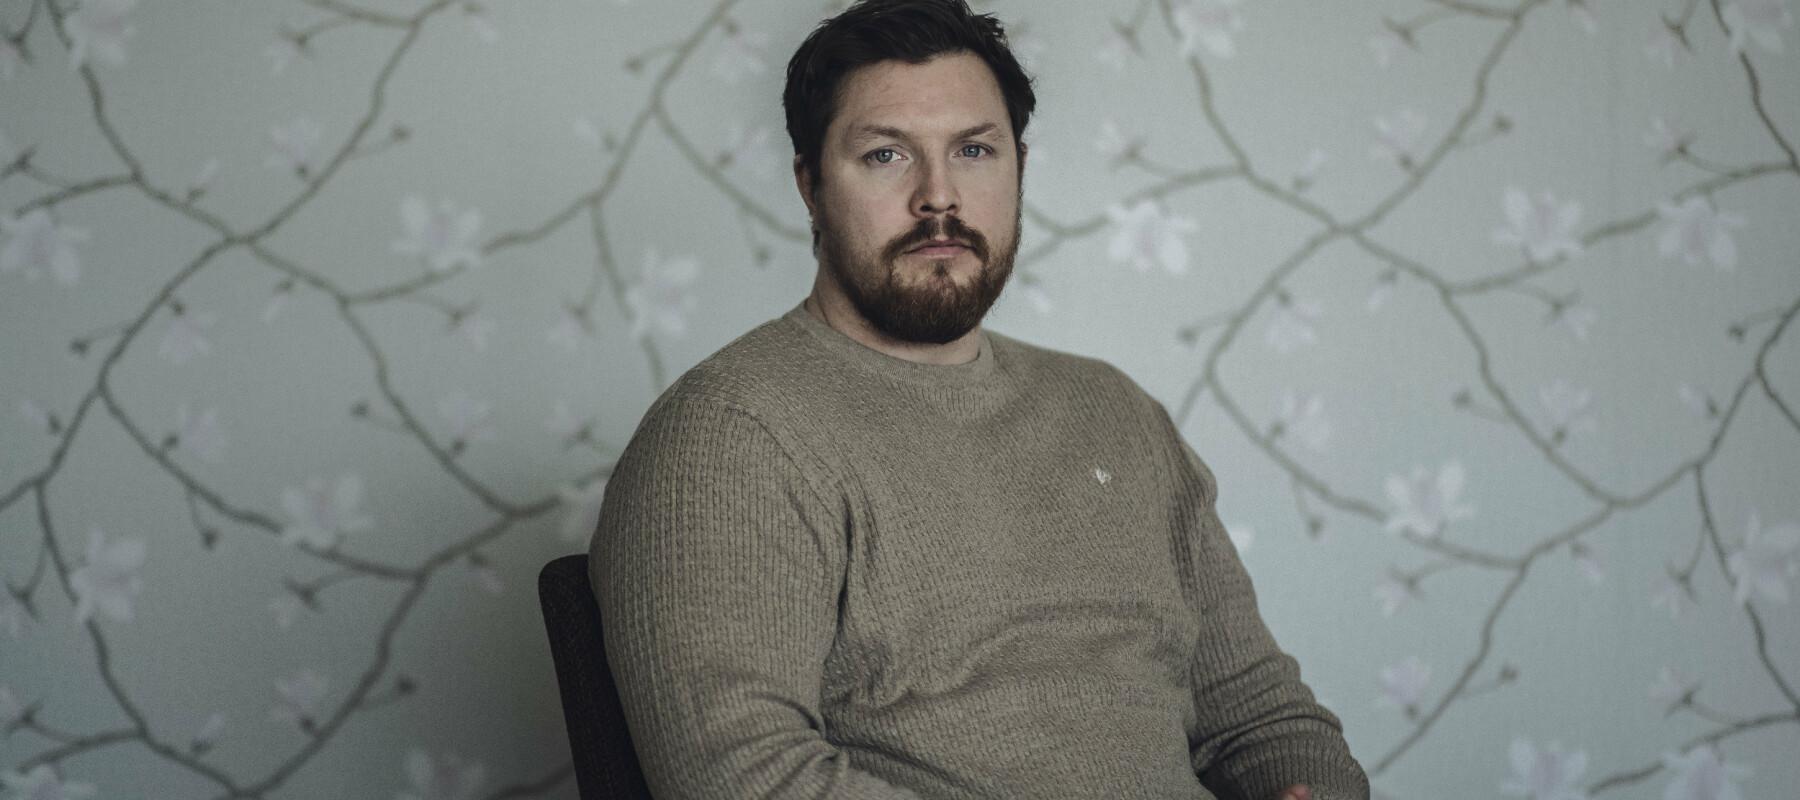 Harstad- Norge, 20210322 Trym Olsen er Afghanistan-veteran. I sitt hjem i Harstad forteller han om møtet med systemet etter at han fikk psykiske skader under deployeringene.